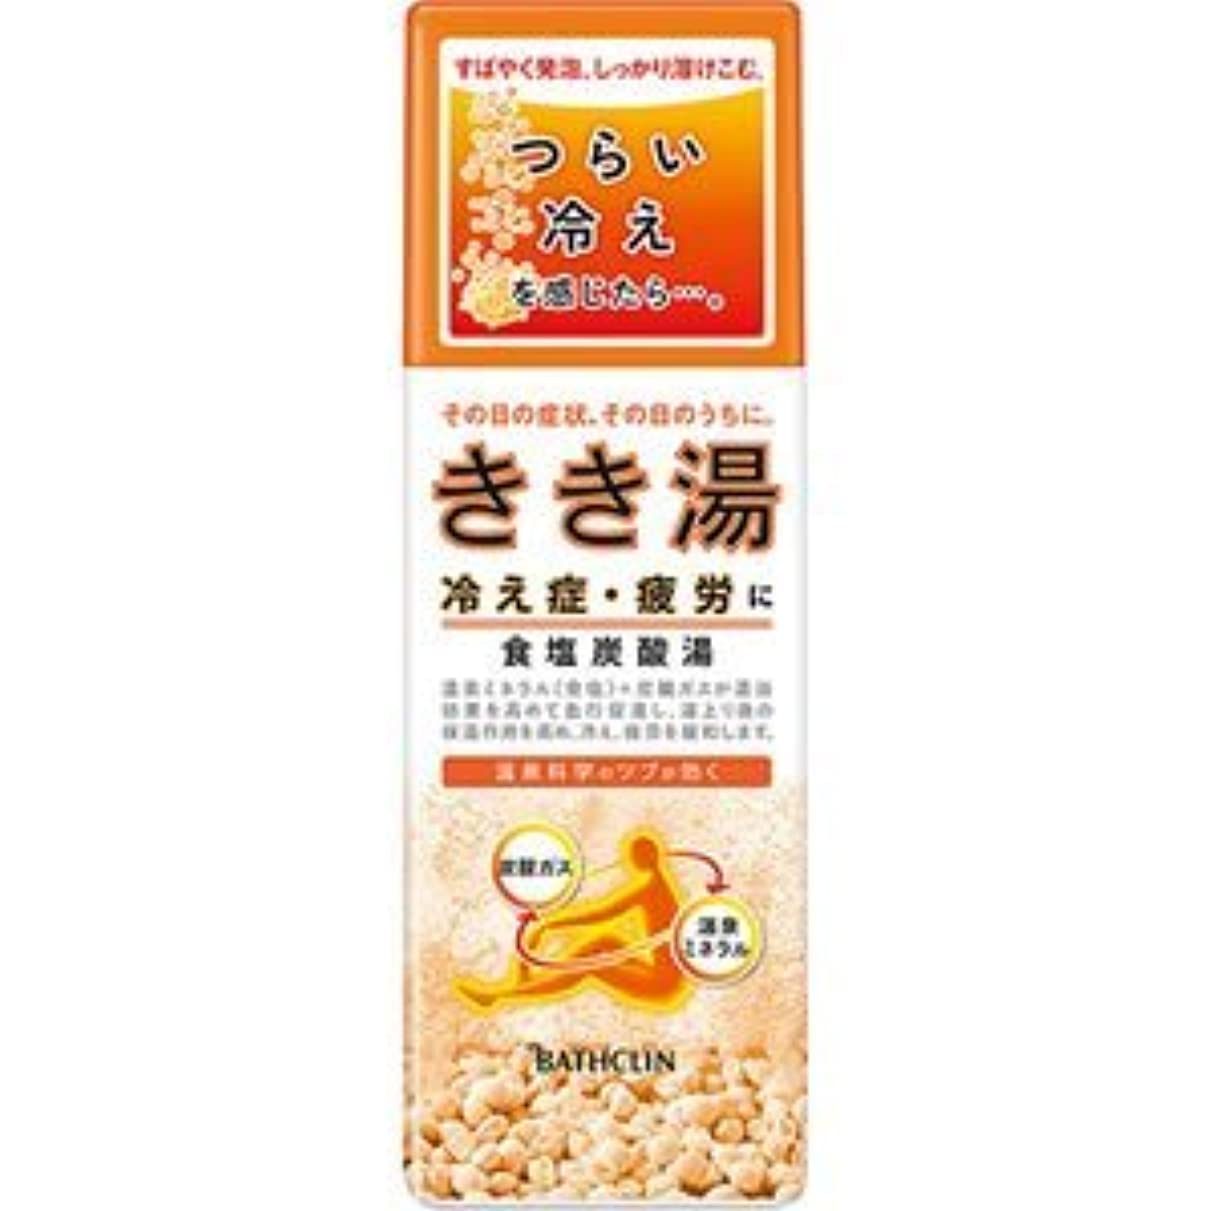 【バスクリン】きき湯 食塩炭酸湯 360g(医薬部外品)(お買い得3個セット)